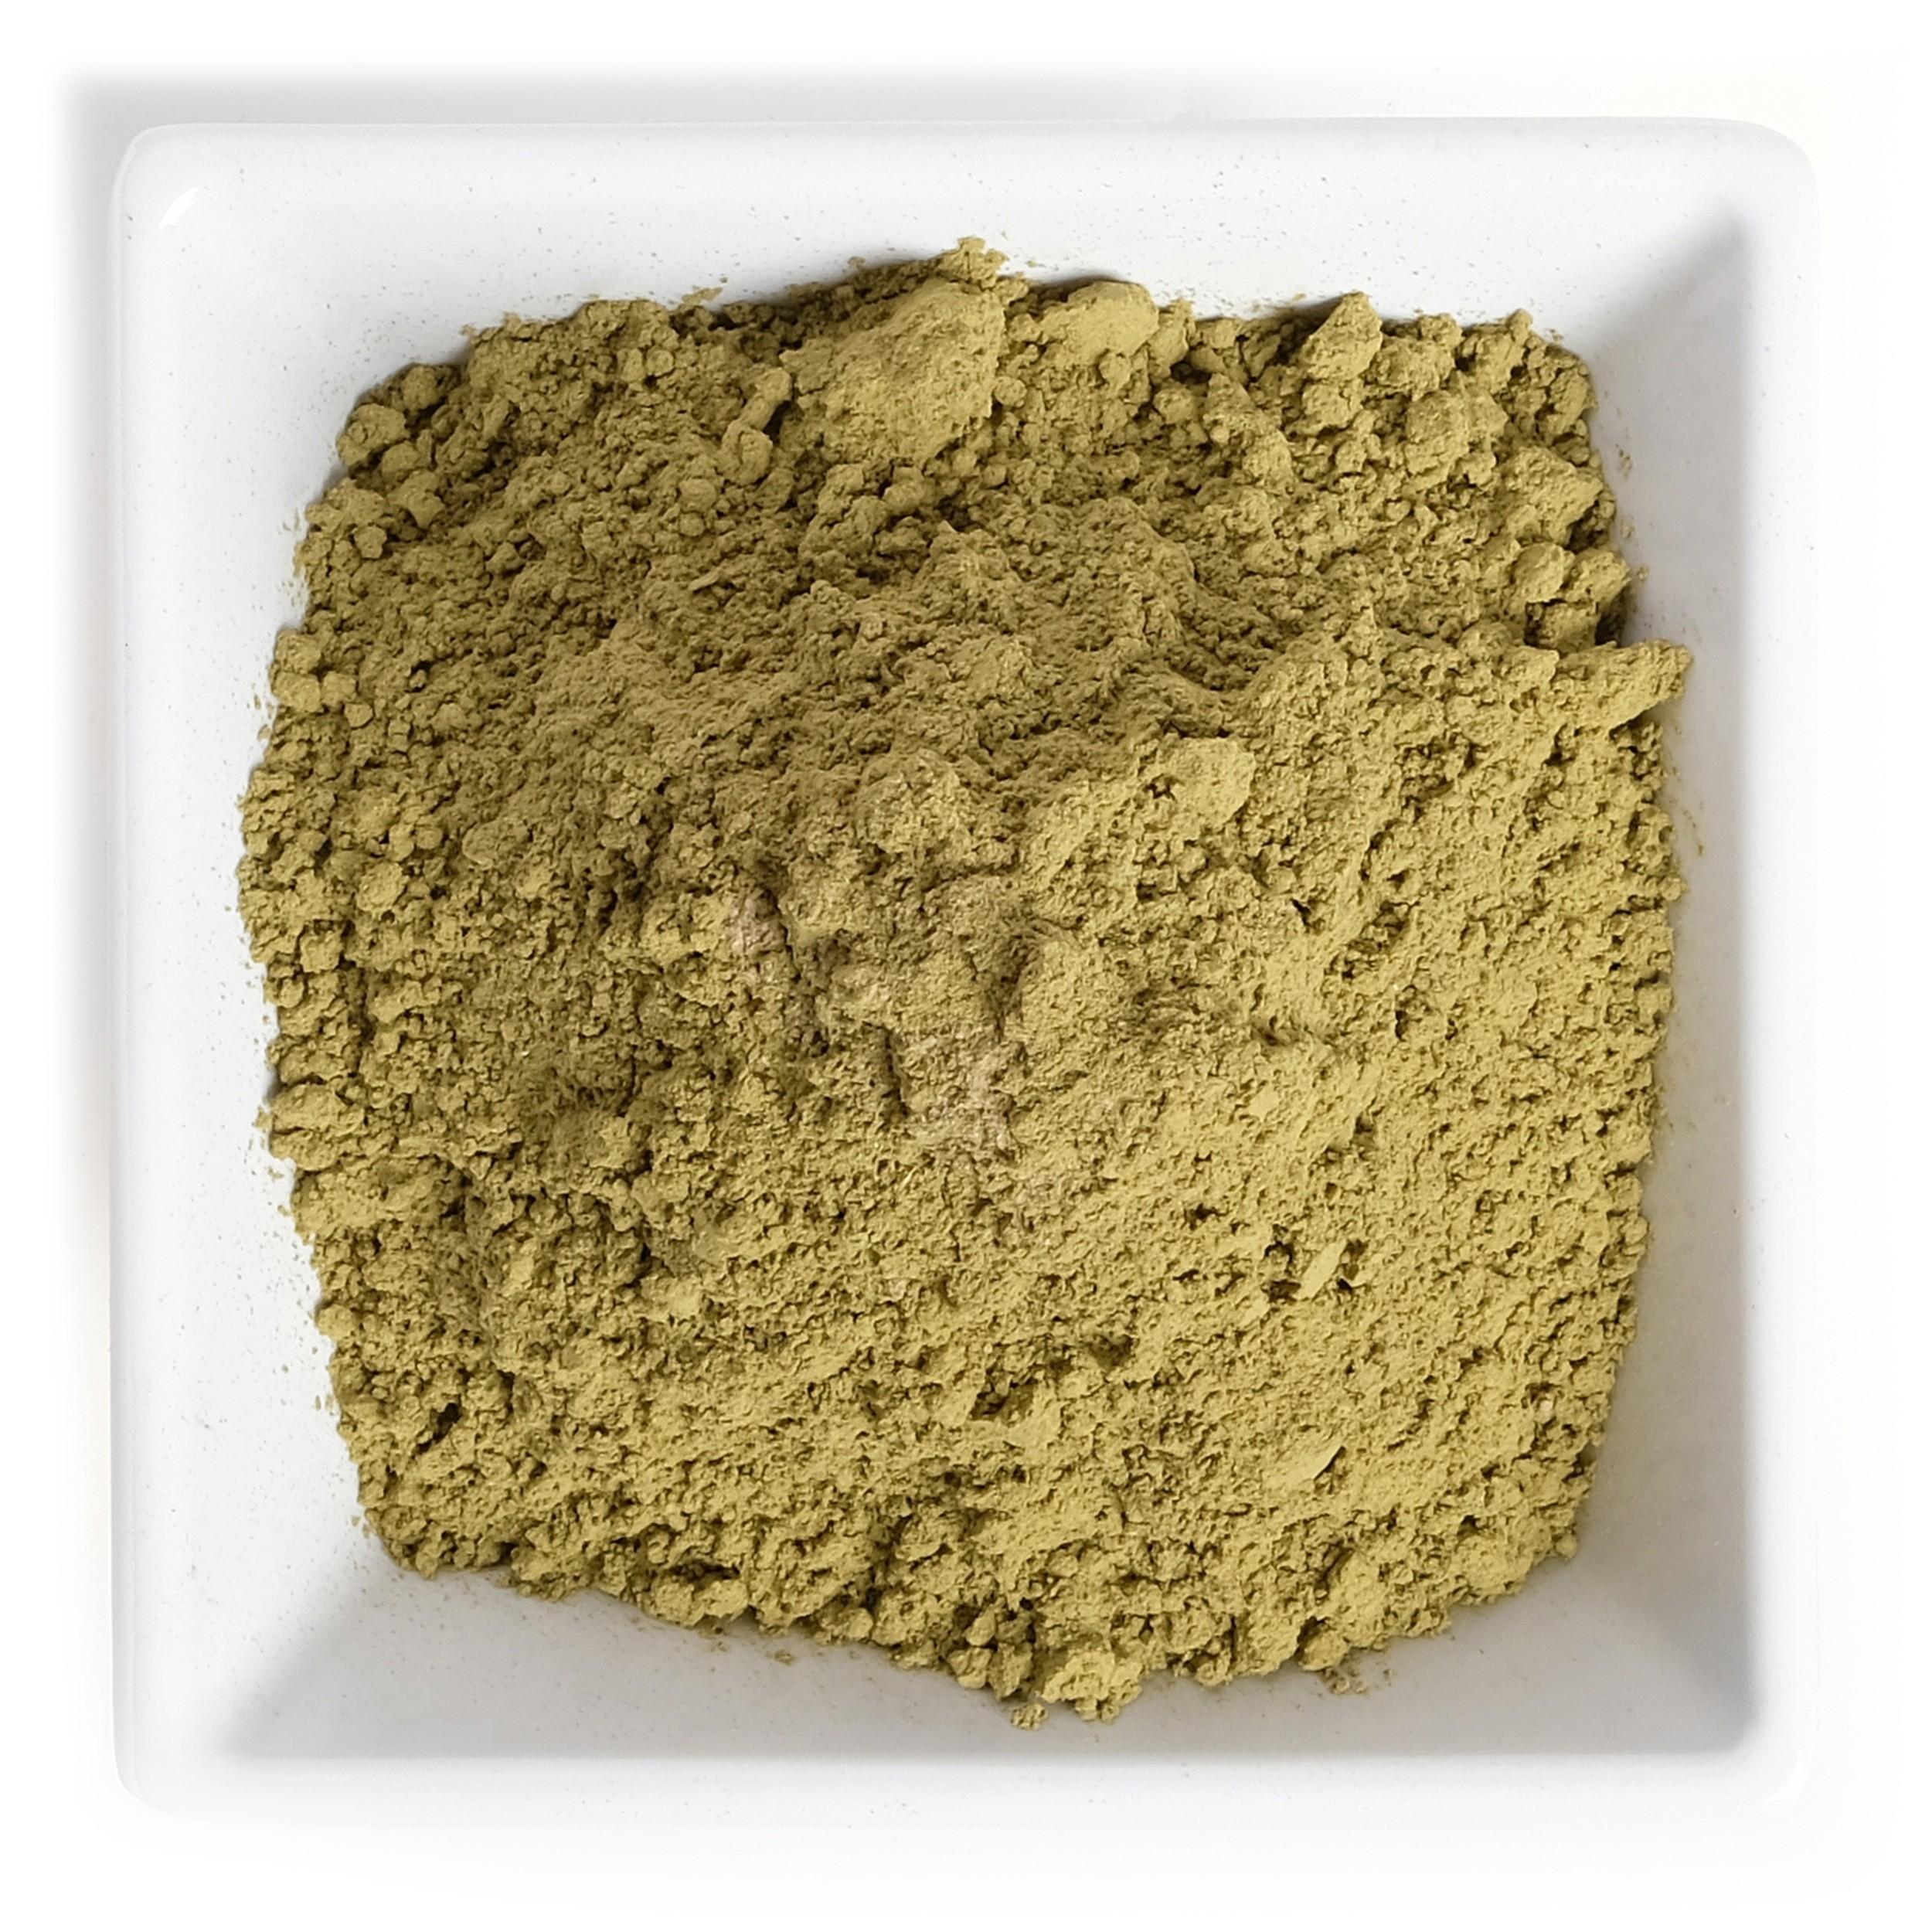 Red Vein Sumatra Kratom Powder